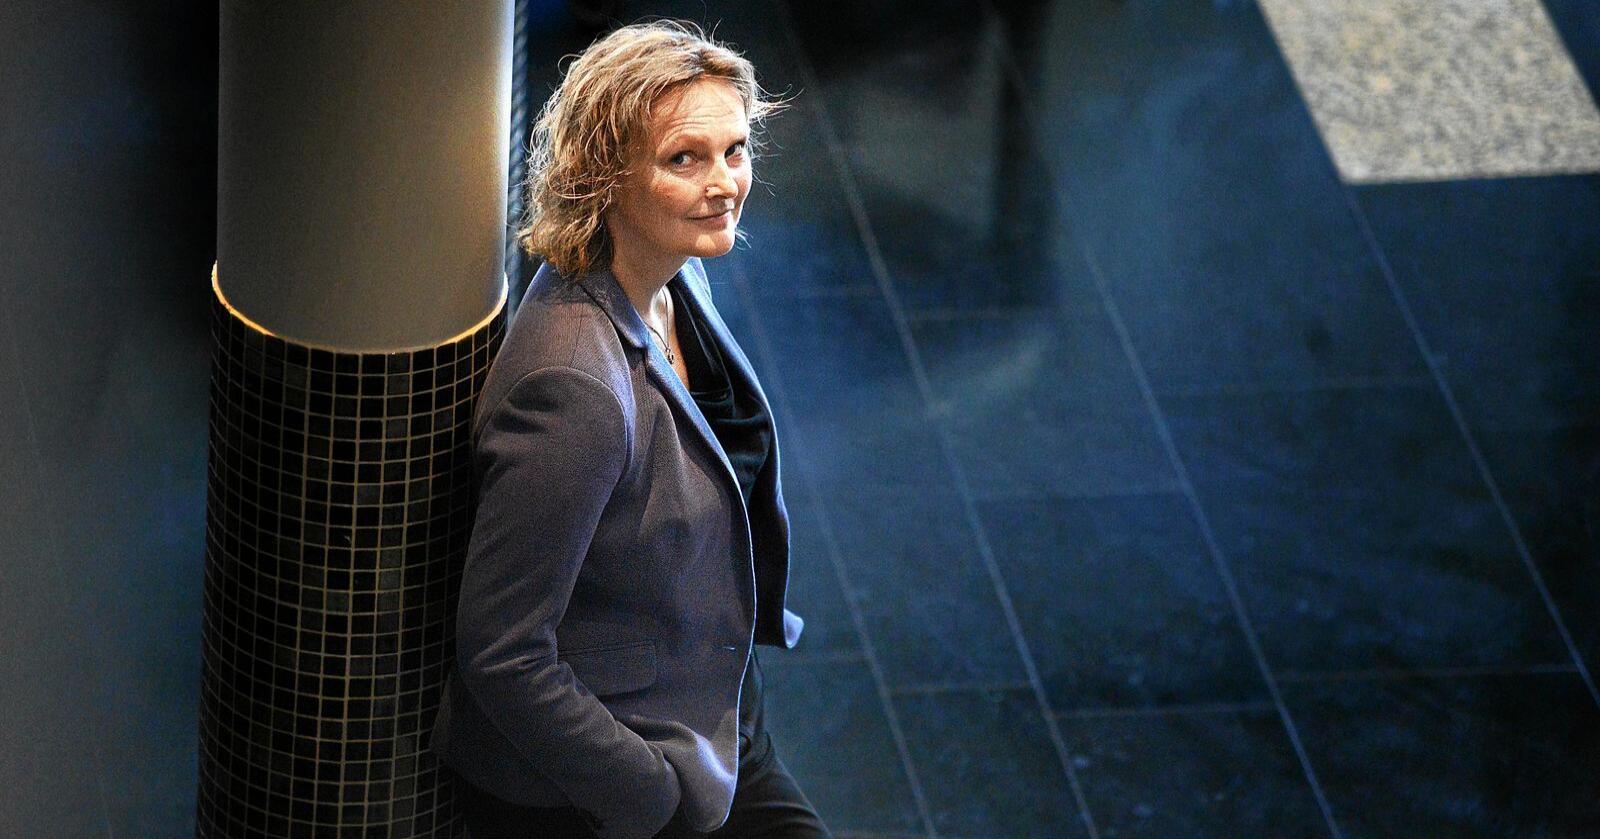 Styreleder i Nortura, Trine Hasvang Vaag under årsmøtet til Nortura på Lillestrøm.